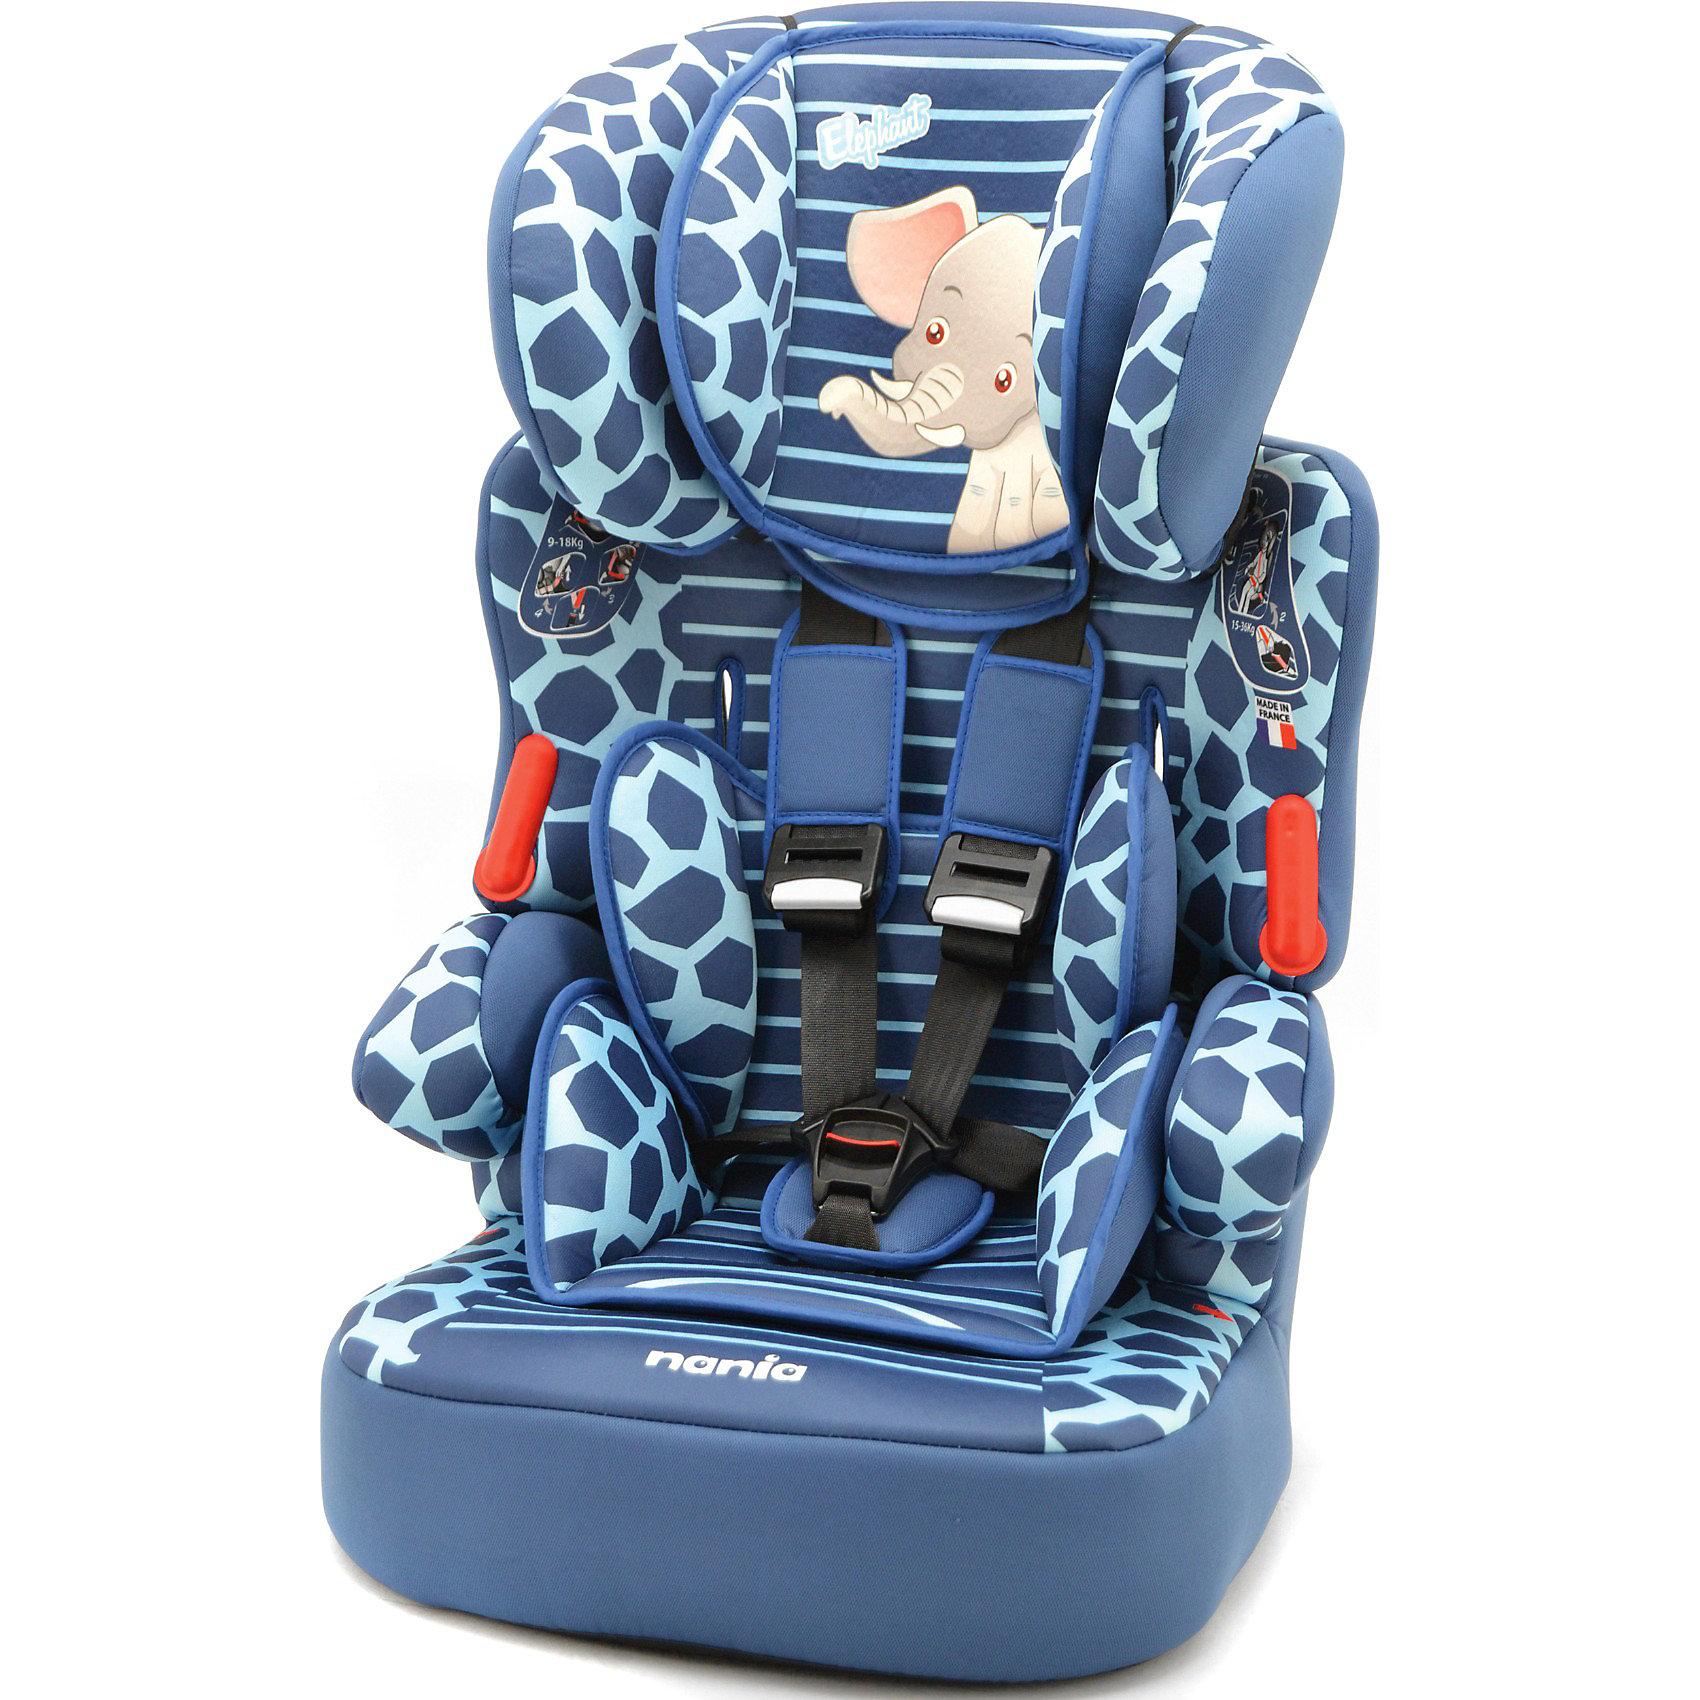 Автокресло Beline SP, 9-36 кг., Nania, elephantАвтокресло Beline SP, 9-36 кг., Nania, elephant - это комфортное и безопасное автокресло для детей от 8 месяцев до 12 лет.<br>Автокресло Beline SP, Nania (Нания) сочетает два кресла в одном. Оно предназначено для детей весом от 9 до 36 кг. (группа 1-2-3). Детское автокресло состоит из двух частей: сидение и съемная спинка. Благодаря регулируемой высоте подголовника (6 позиций) кресло растет вместе с ребенком. Анатомически правильно сформированное сидение с мягкой подкладкой, мягкий подголовник закругленной формы, удобные подлокотники обеспечивают комфорт маленького пассажира даже во время длительных путешествий. Автокресло Beline SP было разработано согласно самым жестким требованиям безопасности. Система боковой защиты SP – Side Protection убережёт ребёнка от серьезных травм во время бокового столкновения. Для надежной фиксации ребенка имеется регулируемый 5-точечный ремень безопасности с плечевыми накладками. Когда ребенок подрастет, спинку автокресла можно отстегнуть и использовать только бустер. Вы без труда закрепите кресло в салоне Вашего автомобиля с помощью штатных ремней безопасности. Если ребенок весит от 9 до 18 кг, нужно использовать фиксирующий зажим ремня безопасности, который прикреплен шнурком к спинке автокресла. Автокресло устанавливается по ходу движения автомобиля. Приятной особенностью этого автокресла является его яркий интересный дизайн – принт в виде пятнистой окраски и изображение милого слоненка на подголовнике. Все тканевые части легко снимаются и стираются, что позволит креслу выглядеть прекрасно долгие годы. Соответствует Европейскому Стандарту ЕСЕ R44/04.<br><br>Дополнительная информация:<br><br>- Группа 1-2-3 (9-36 кг), от 8 месяцев до 12 лет<br>- Размер: 45 х 45 х 72-88 см.<br>- Высота спинки: 64-75 см.<br>- Размер сиденья: 34 х 30 см.<br>- Вес: 4,7 кг.<br>- Материал: ударопрочный пластик, полиэстер<br>- Цвет: синий, голубой<br>- Стирка покрытия автокресла при температуре 30 C<br><br>Авто